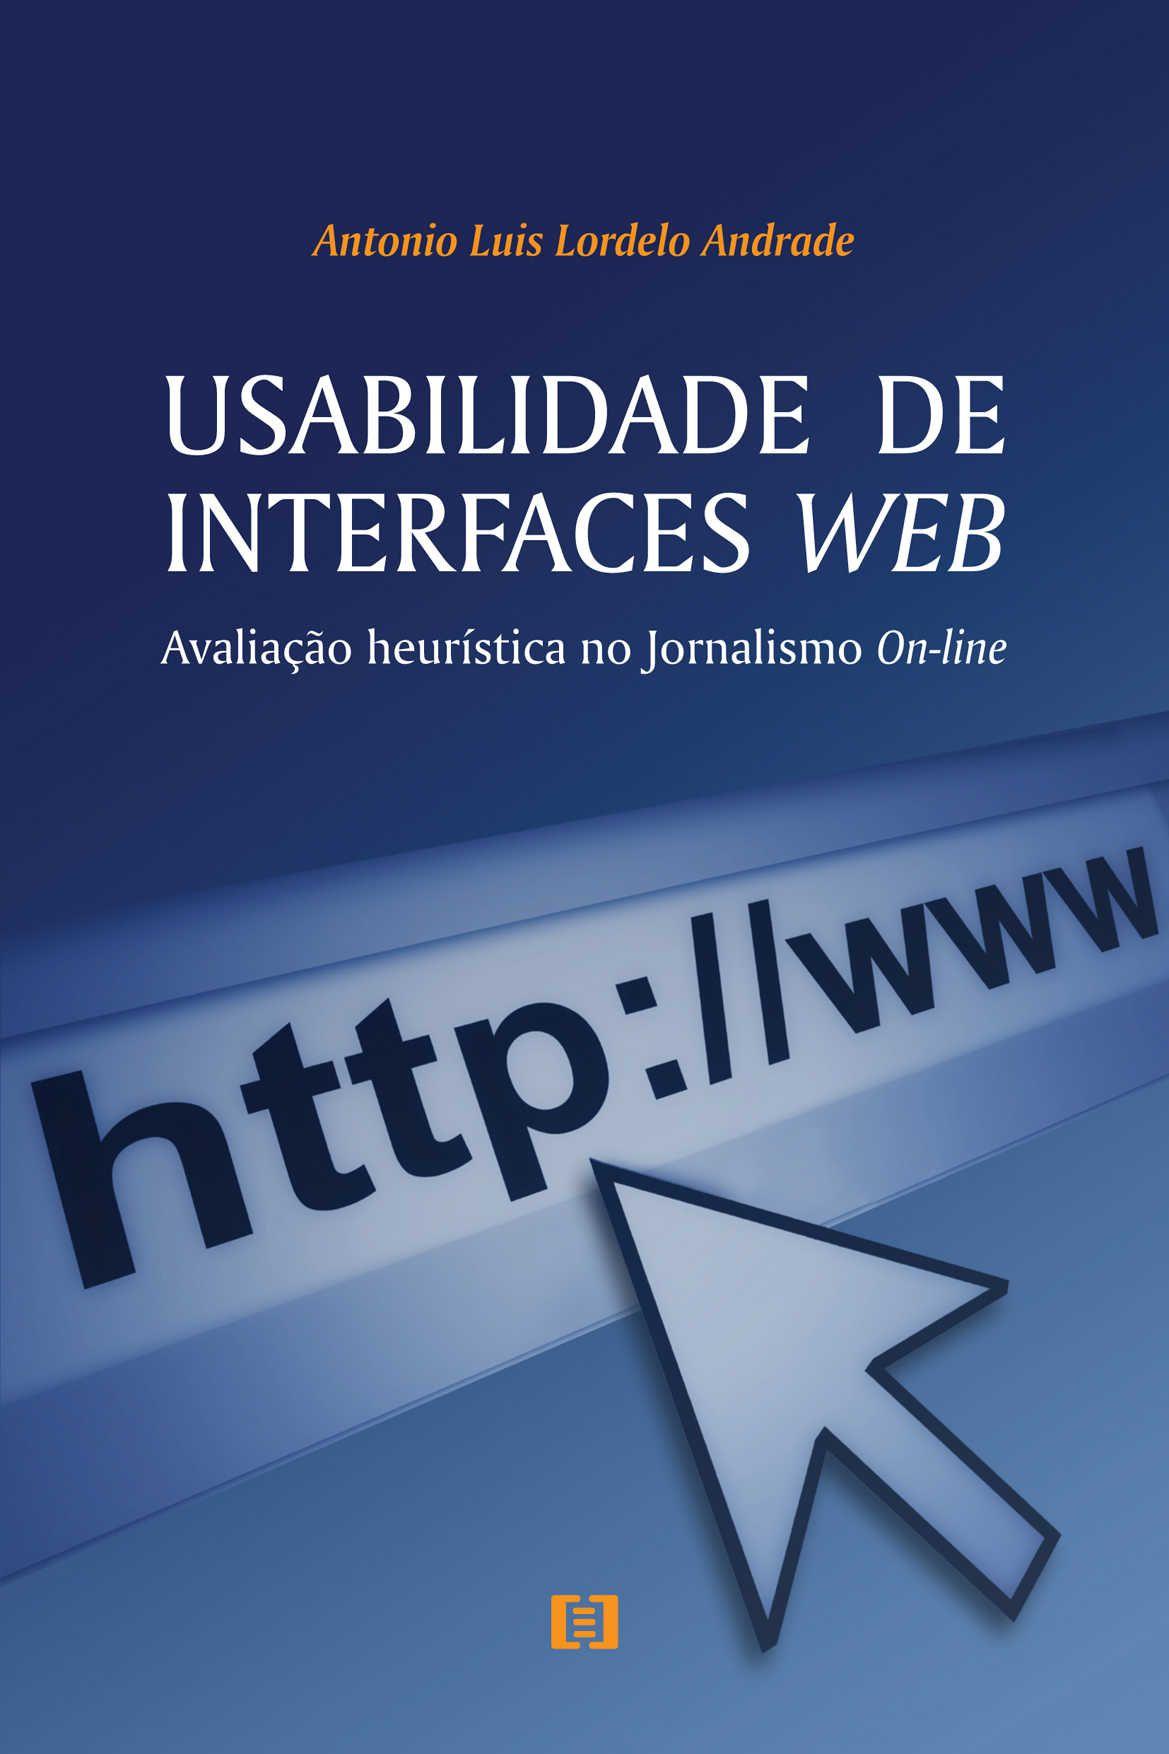 Usabilidade de interfaces web: Avaliação heurística no jornalismo on-line